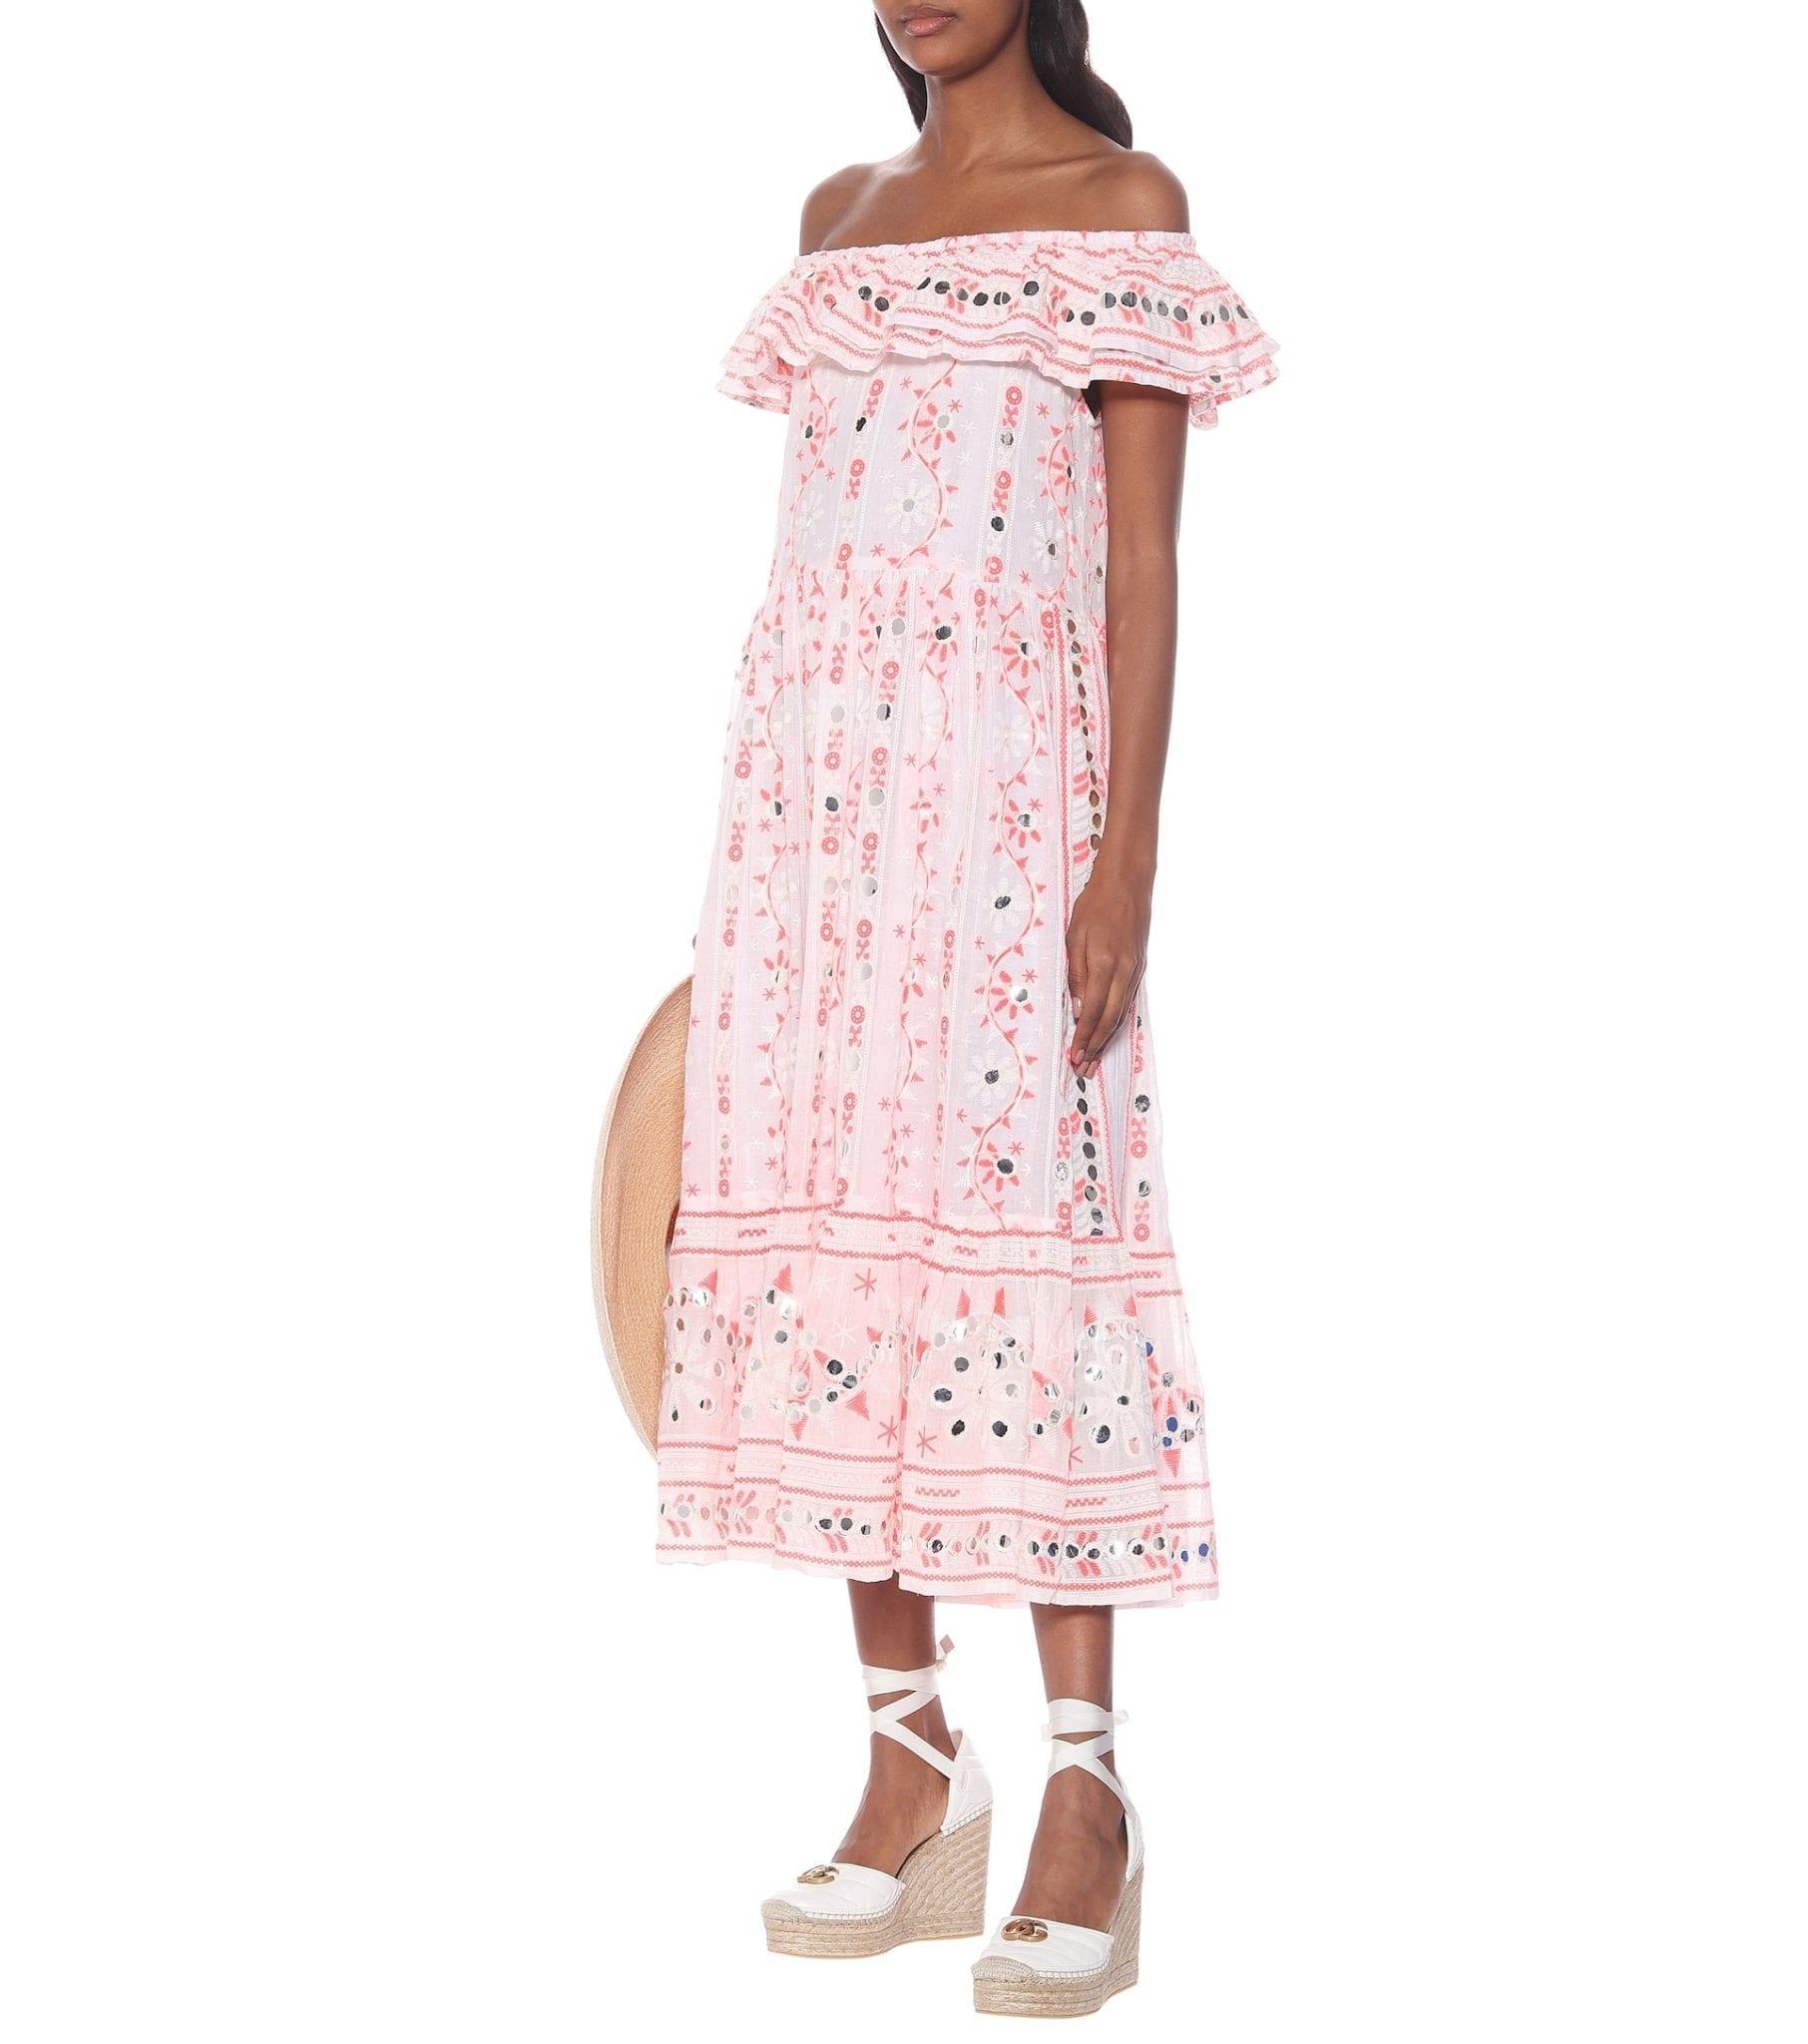 JULIET DUNN Embellished Cotton Maxi Dress